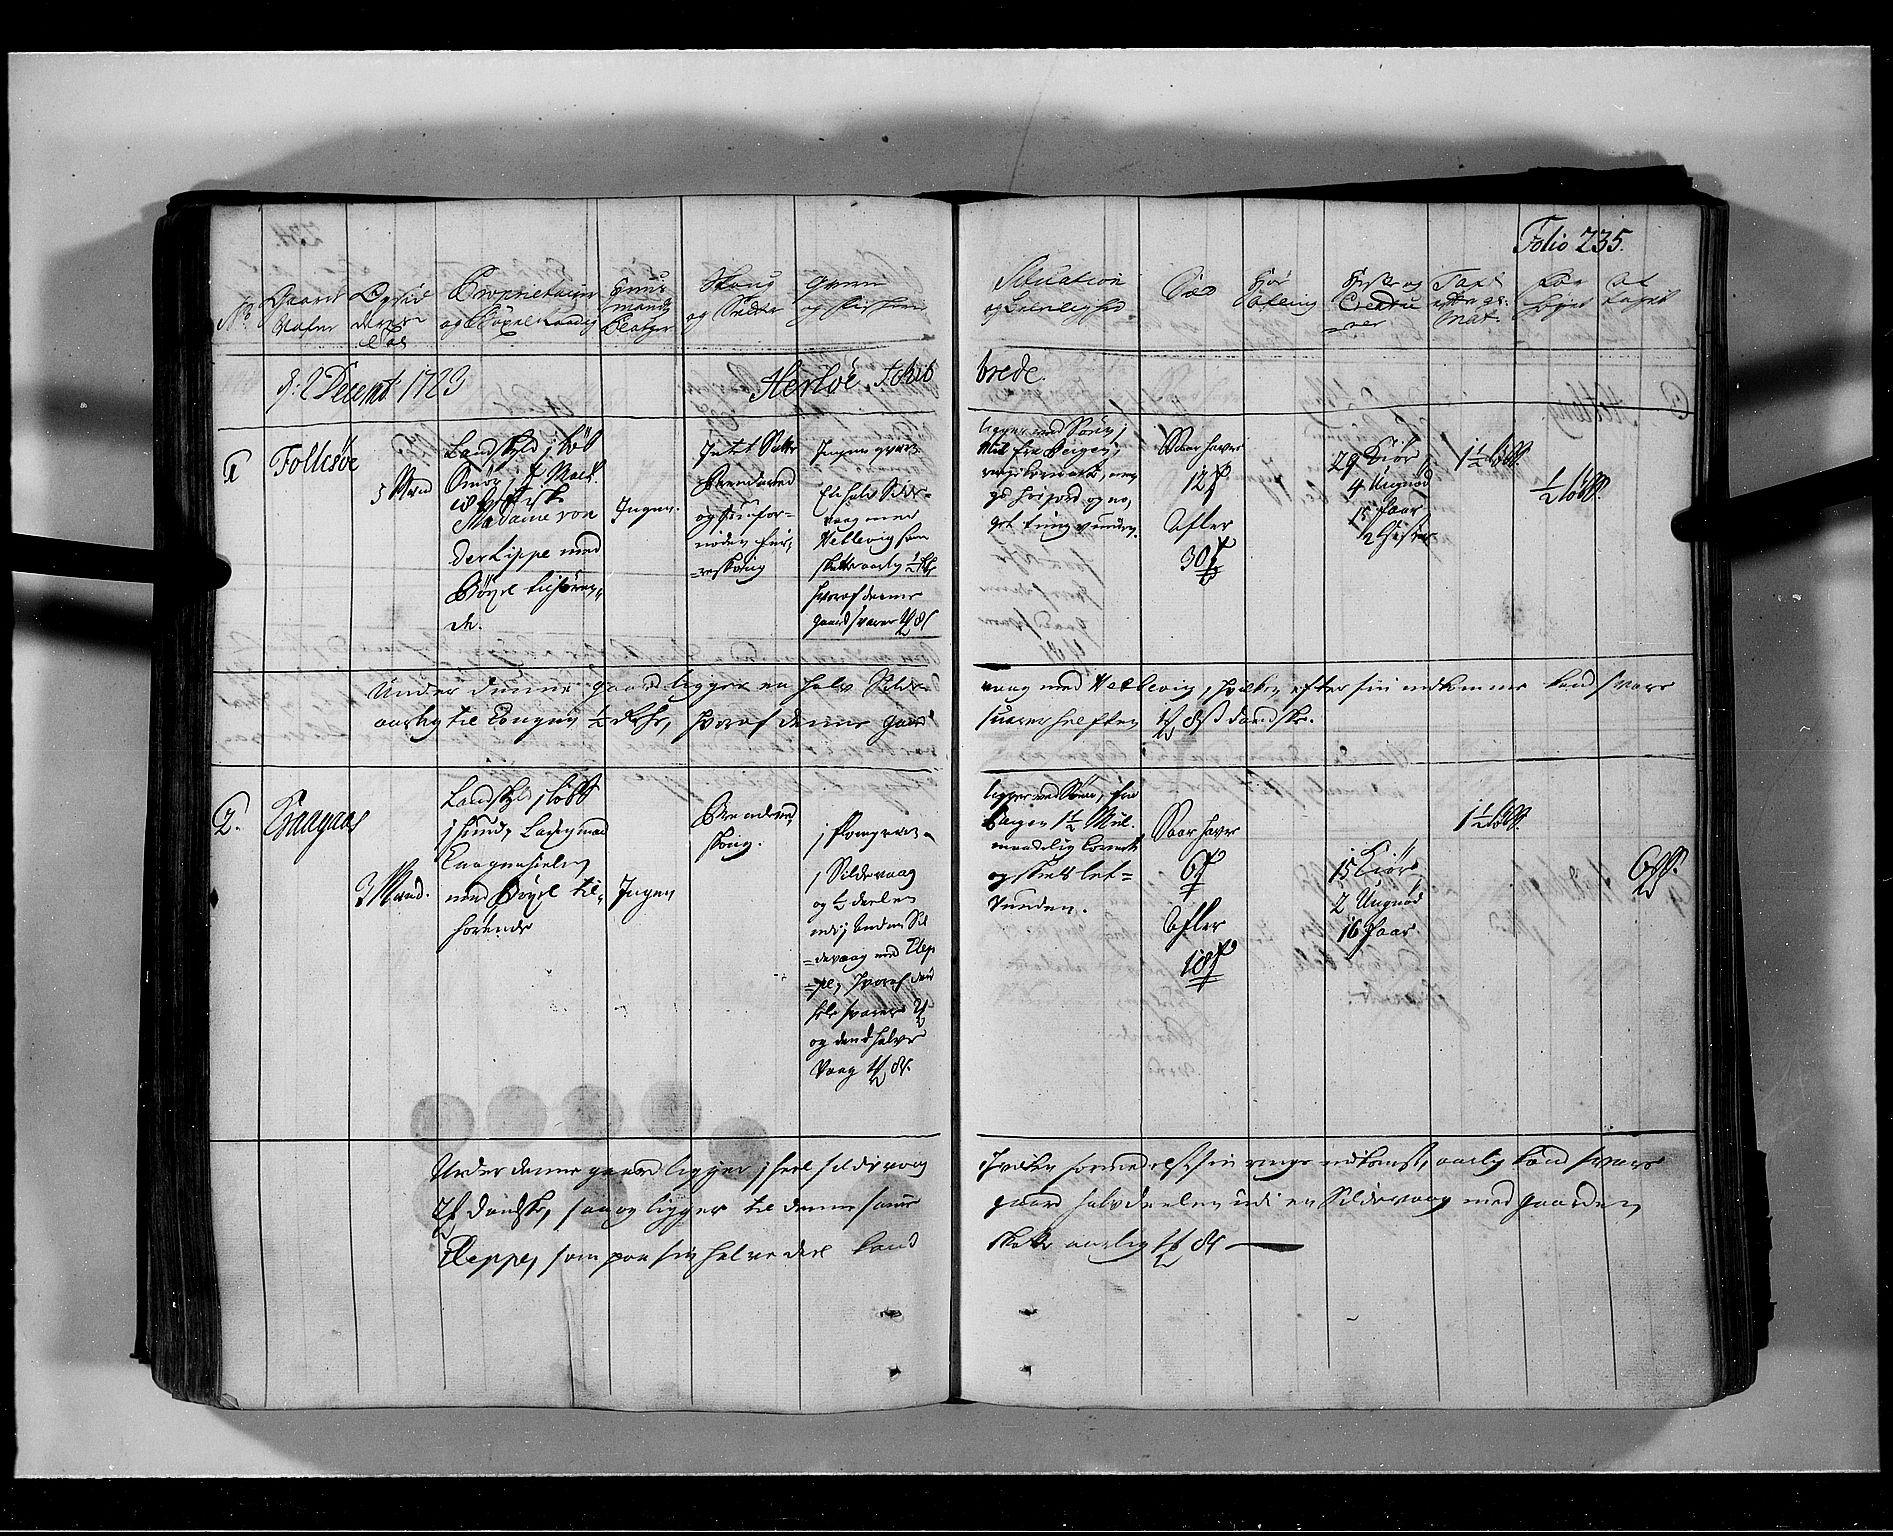 RA, Rentekammeret inntil 1814, Realistisk ordnet avdeling, N/Nb/Nbf/L0139: Nordhordland eksaminasjonsprotokoll, 1723, s. 234b-235a